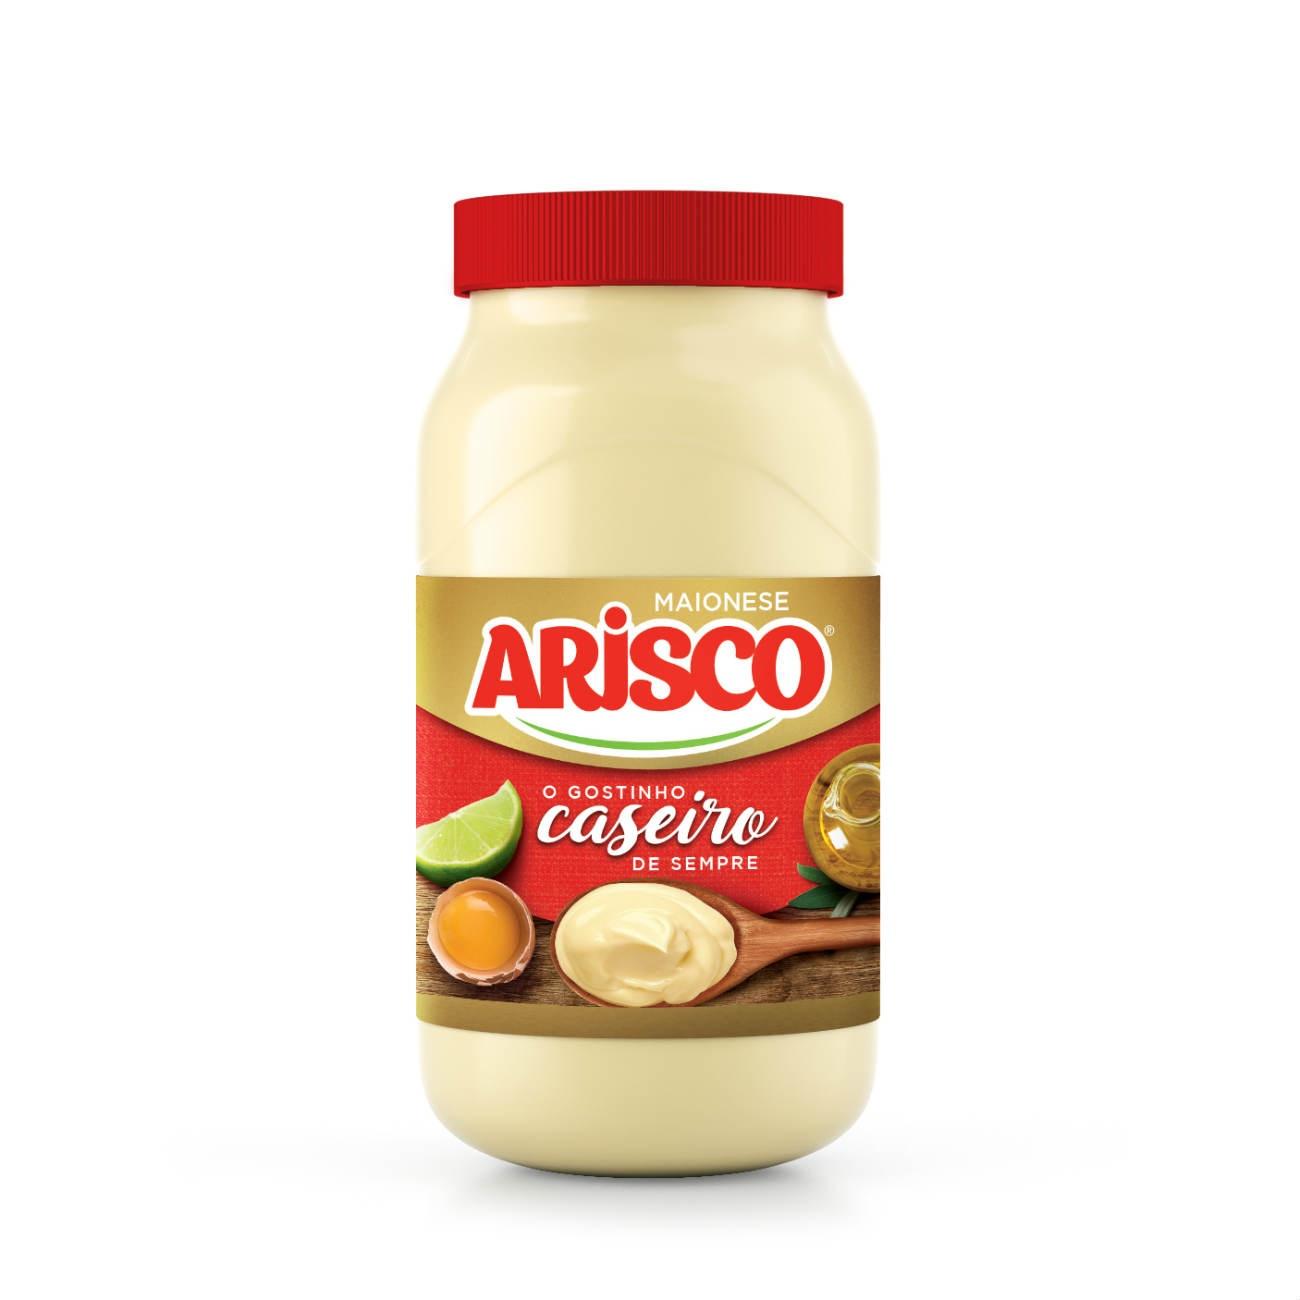 ARISCO MAIONESE PET 1X500G (12)